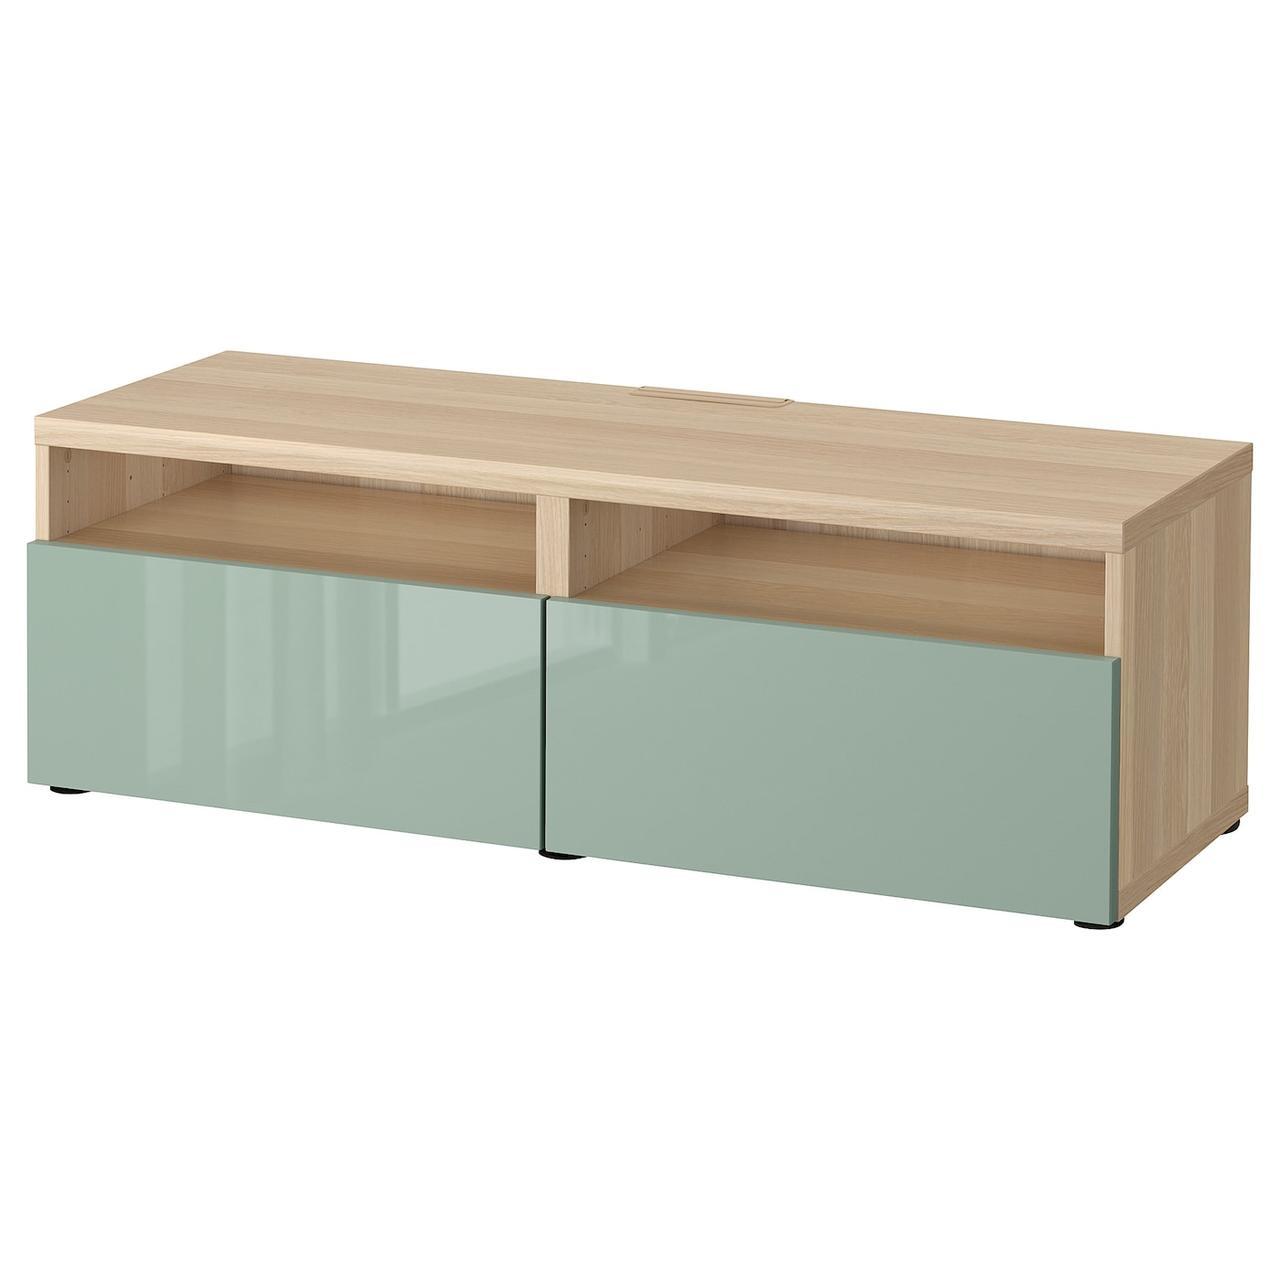 IKEA BESTA Тумба под телевизор 120x42x39 см (293.244.43), фото 1